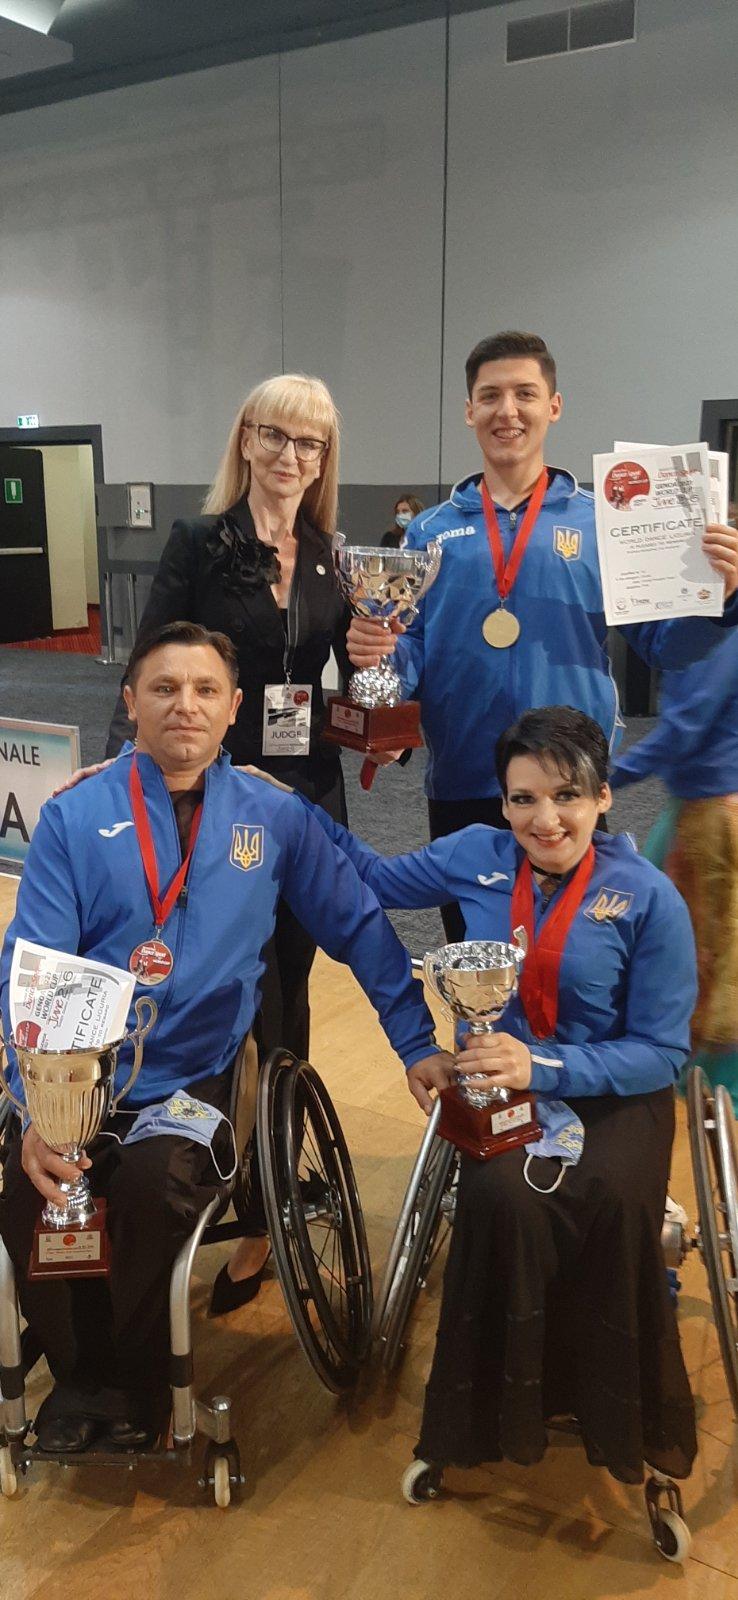 Танцівники на візках зі Слов'янська привезли медалі з Чемпіонату світу  , фото-1